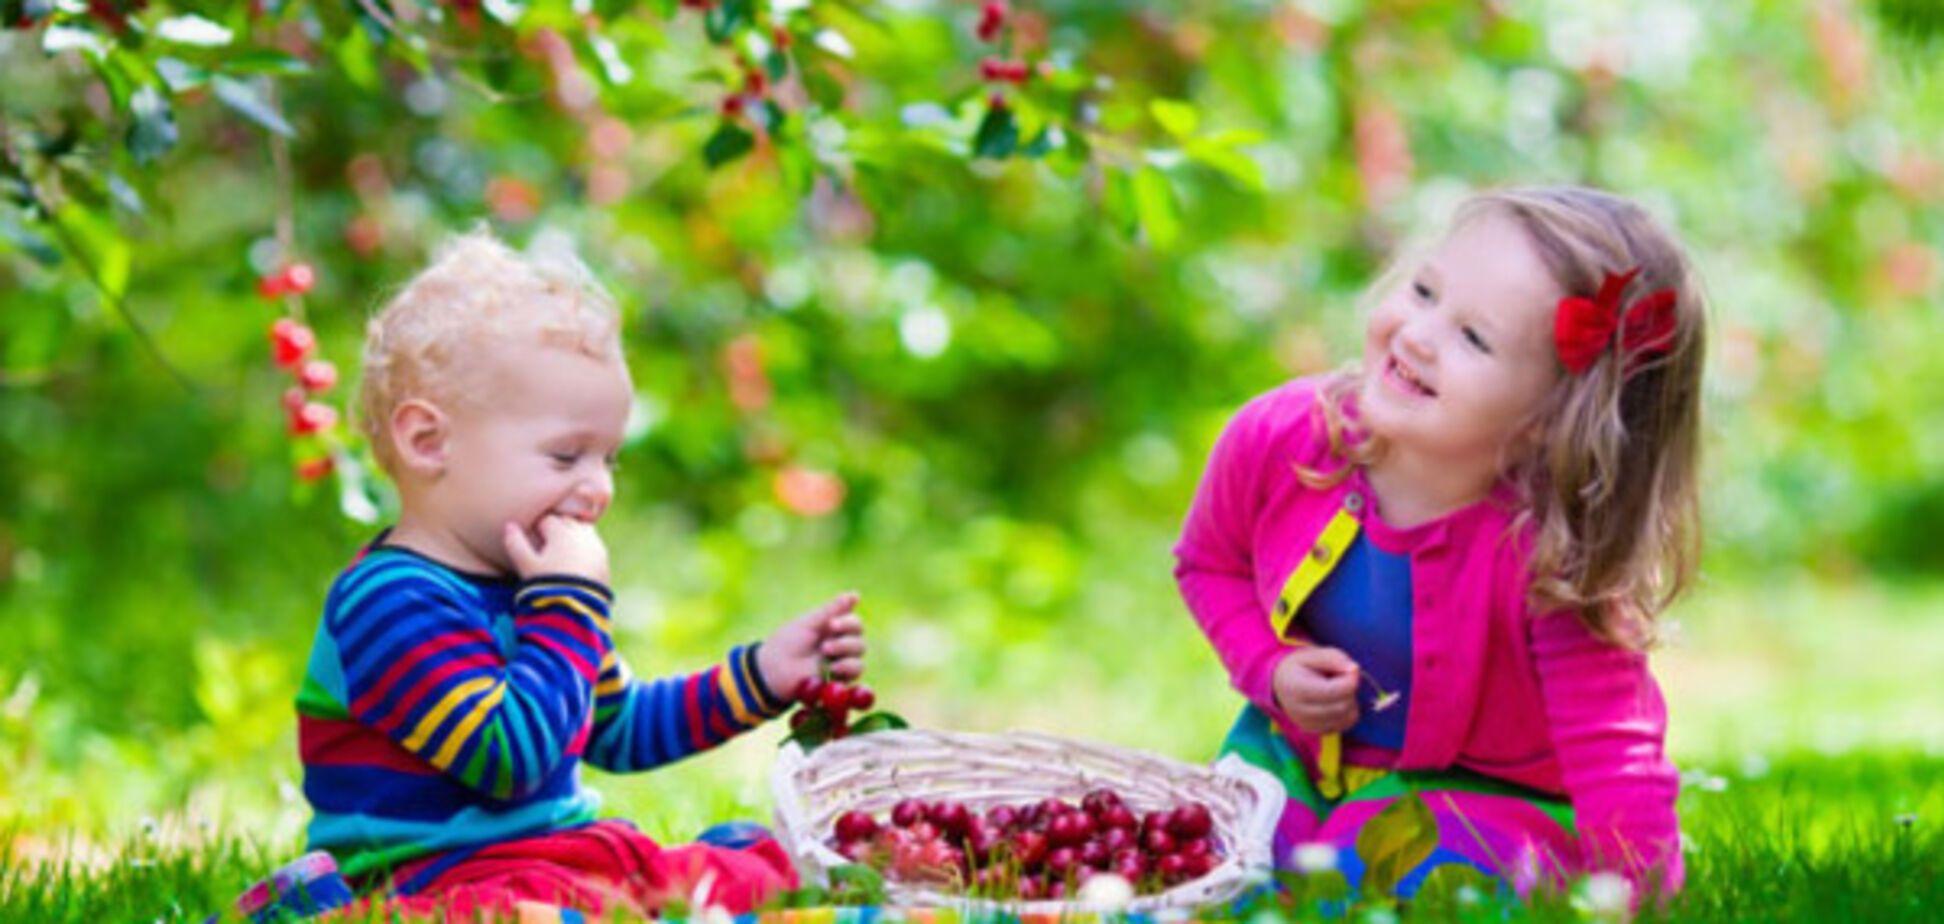 Черешня в детском меню: несколько важных фактов для родителей